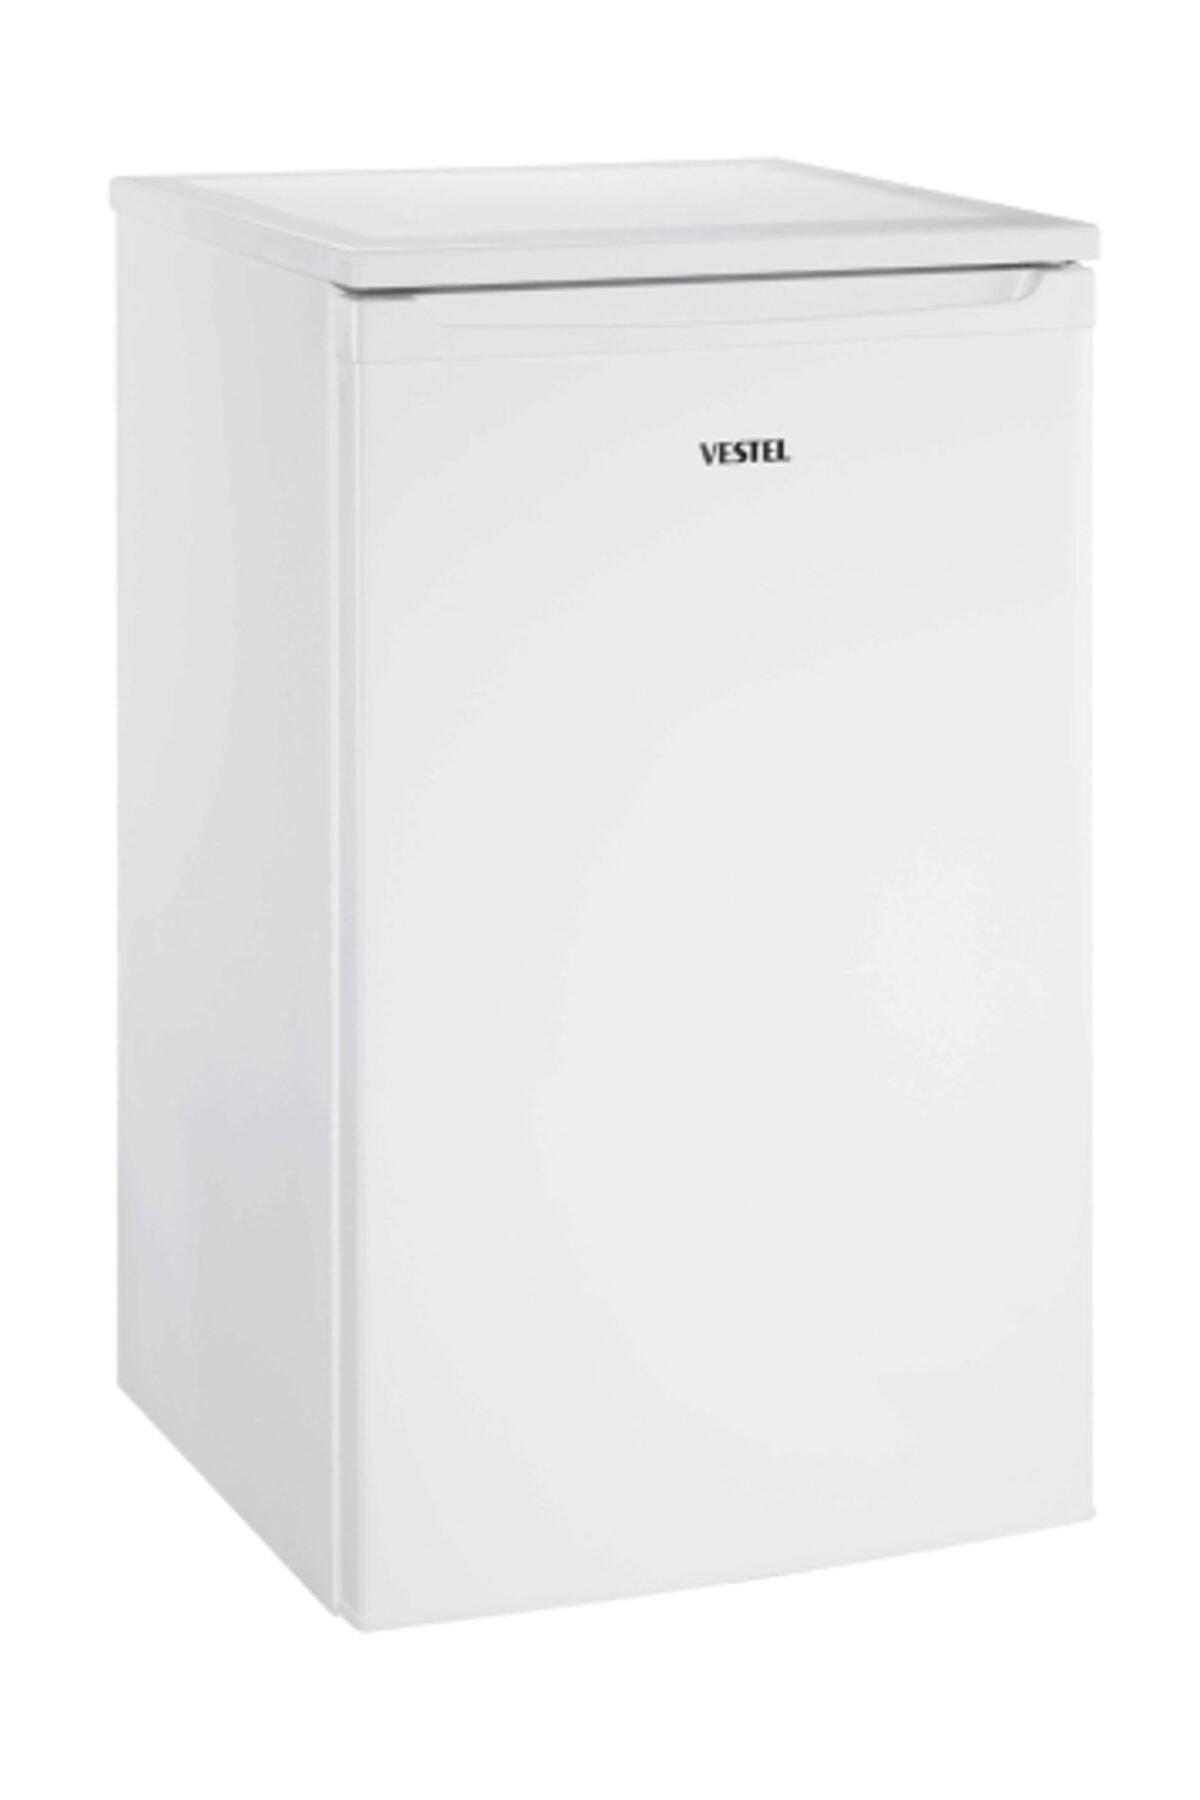 Vestel EKO SBY 90 A+ Büro Tipi Buzdolabı 1